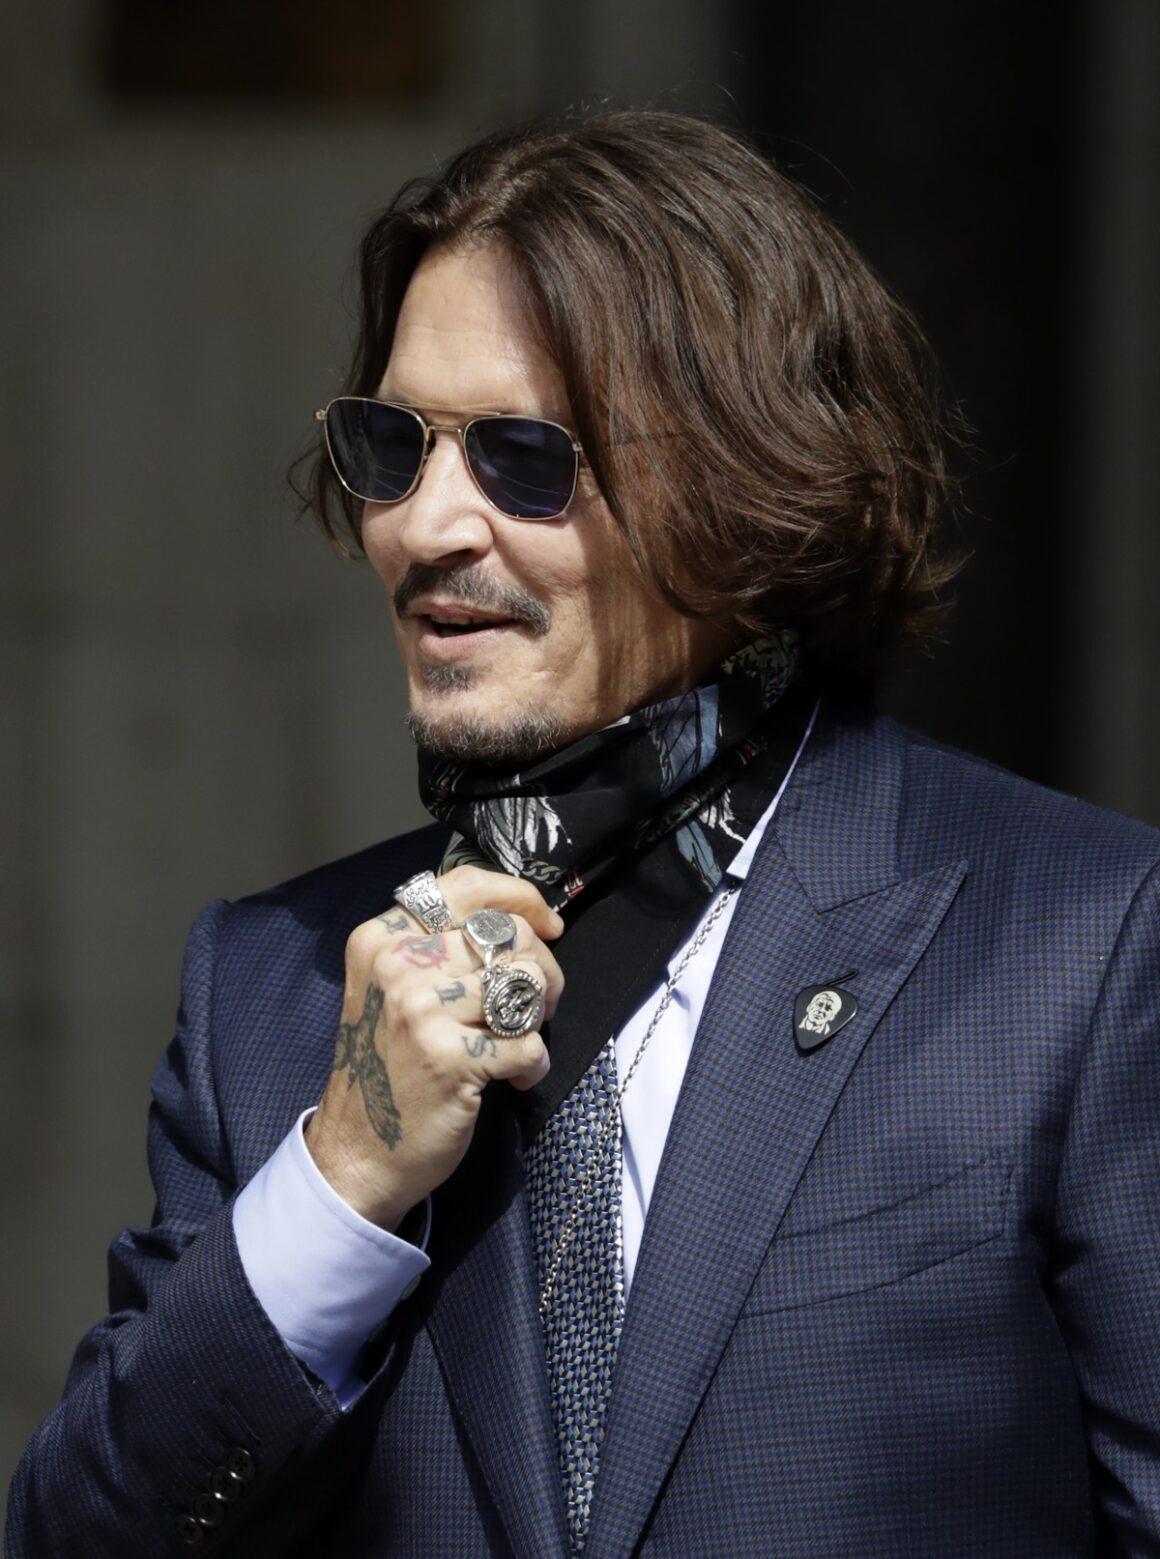 Johnny Depp Libel Trial Enters Third Week